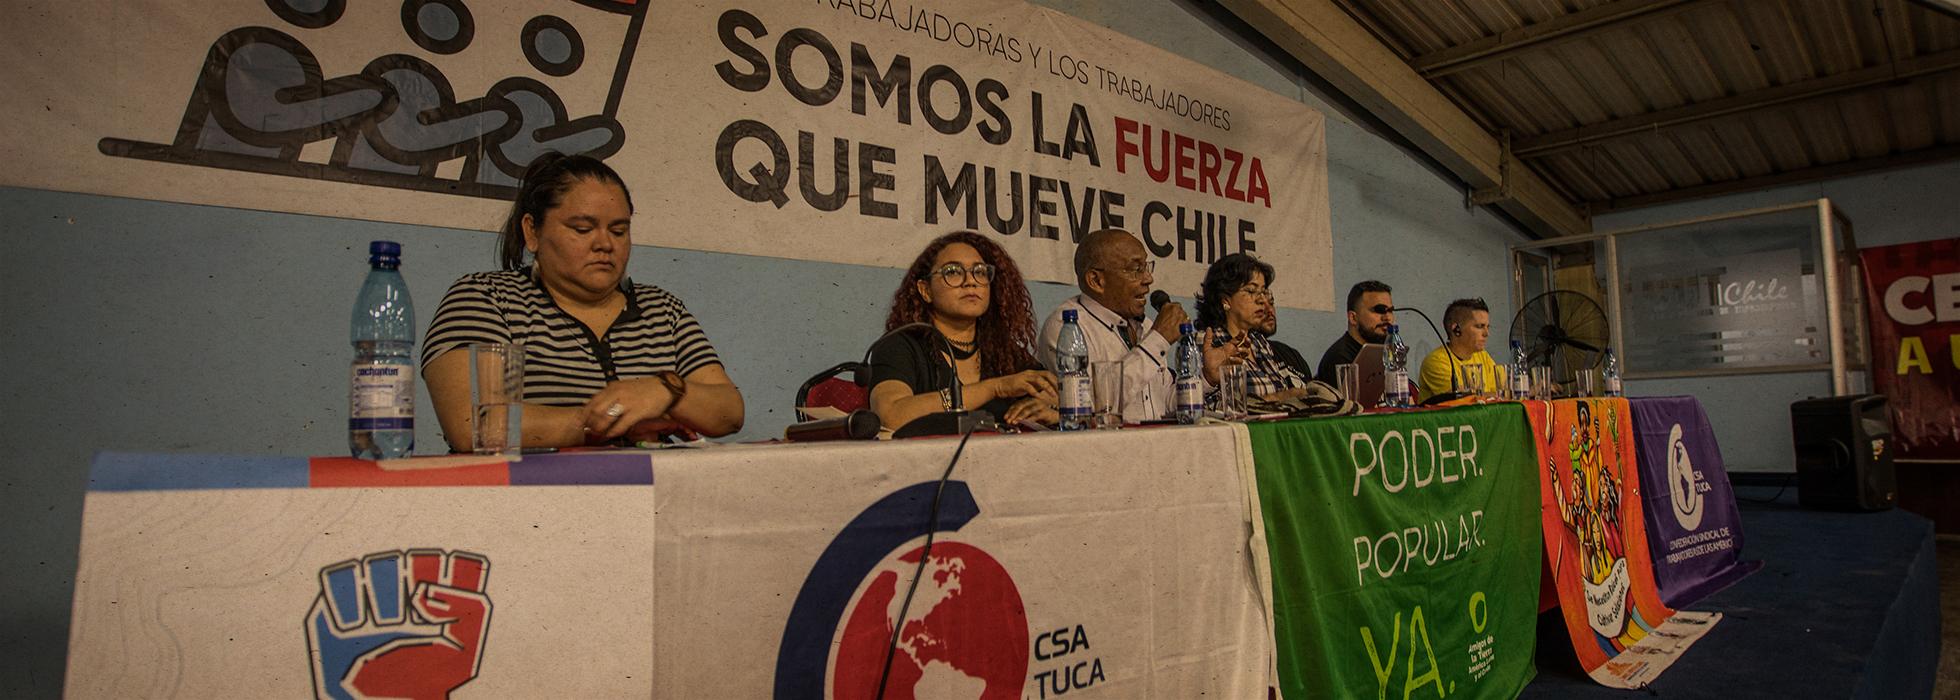 Solidaridad y movilización